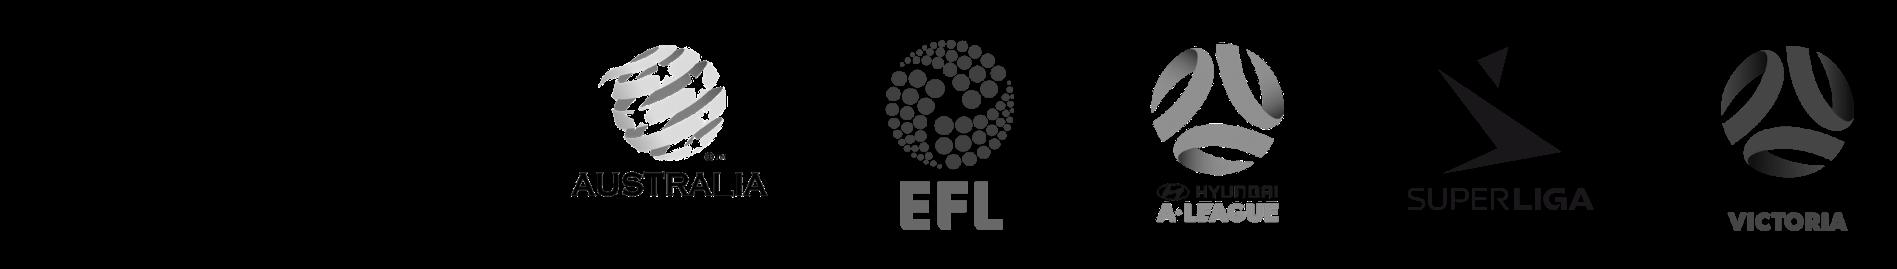 Club Logos 2